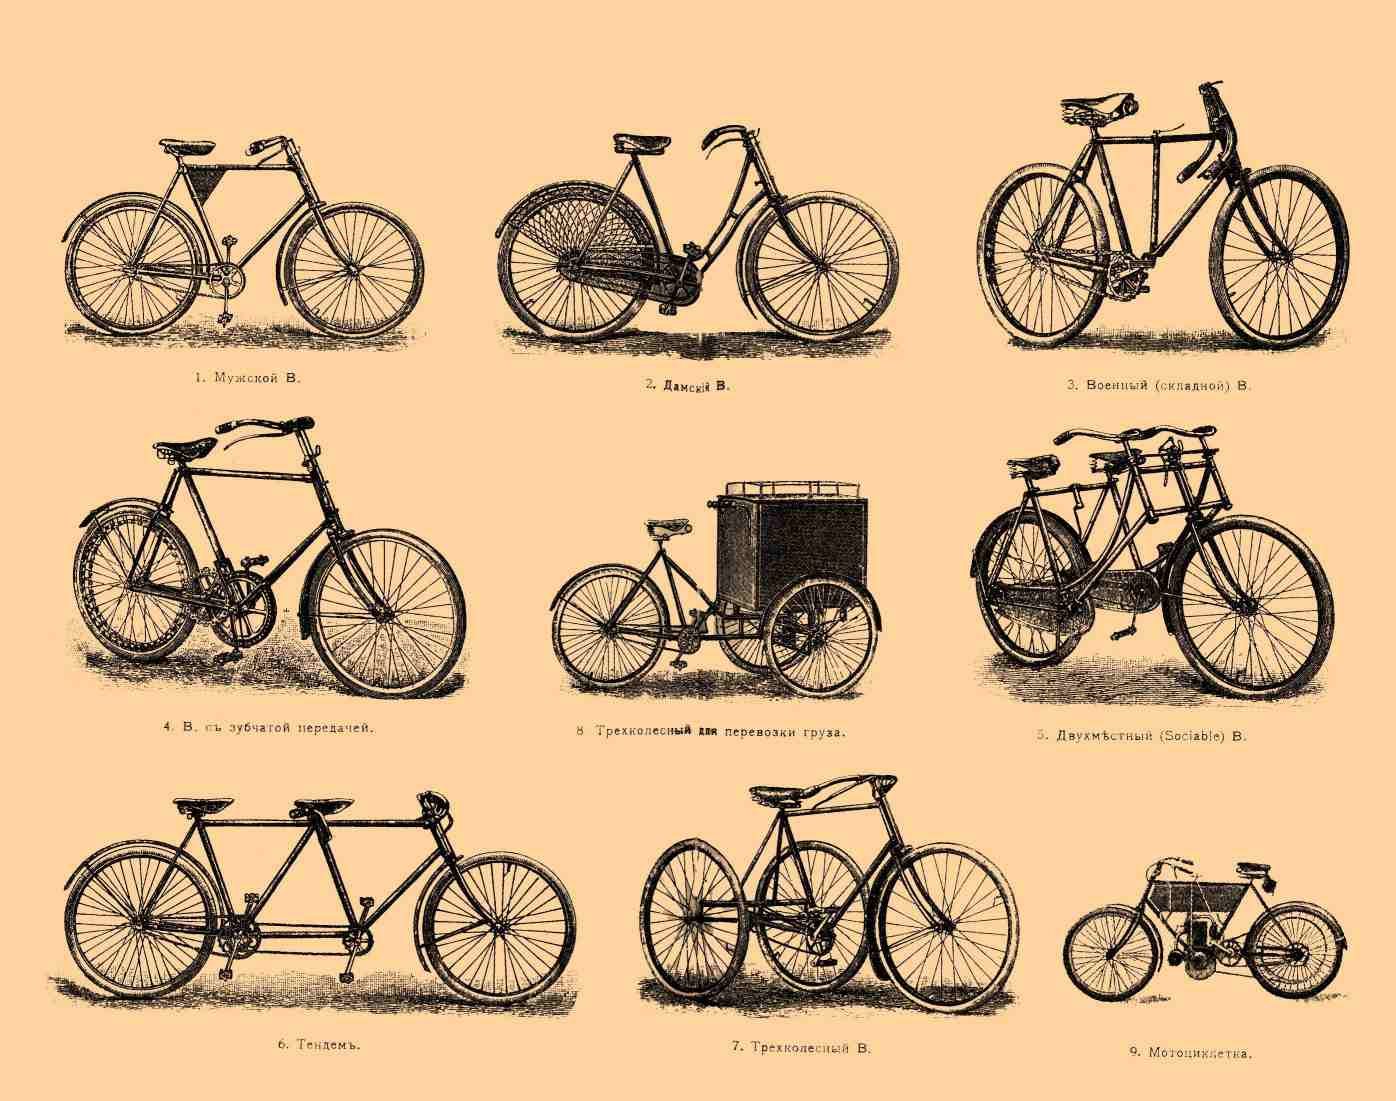 Public domain, via Wikimedia Commons